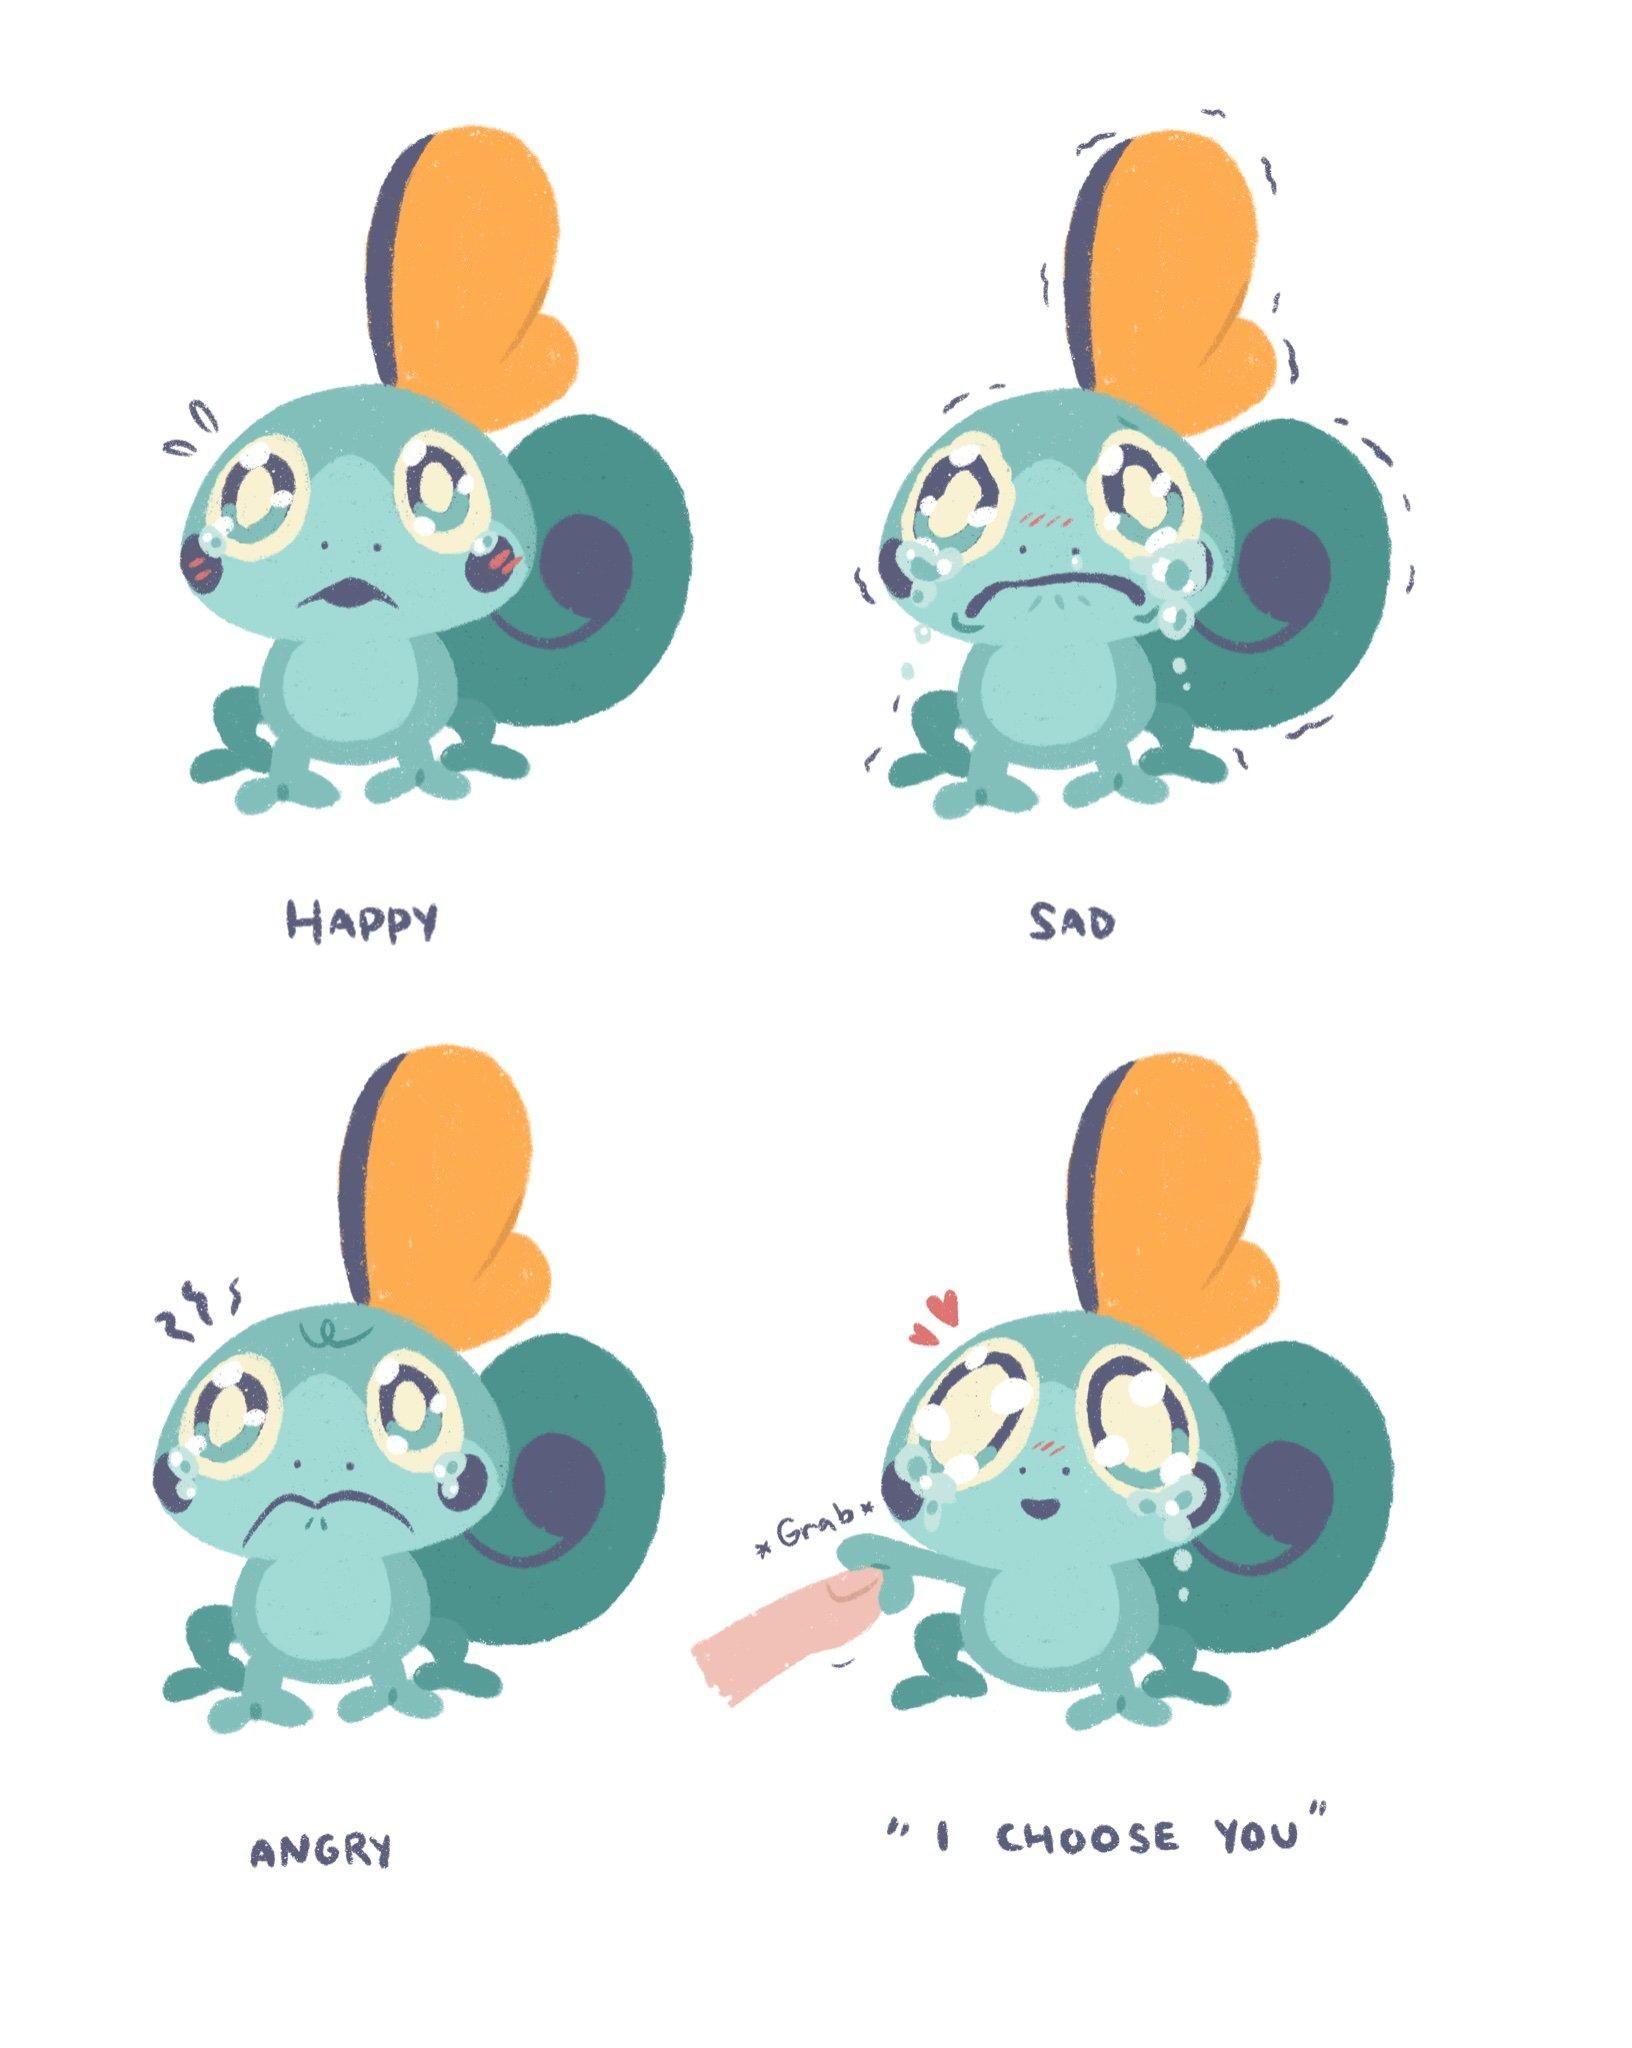 Wooloo Pokemon Sword And Shield Fan Art The Cutest Little Sheep Pokemon Ever Cute Doodles Pokemon Cute Pokemon